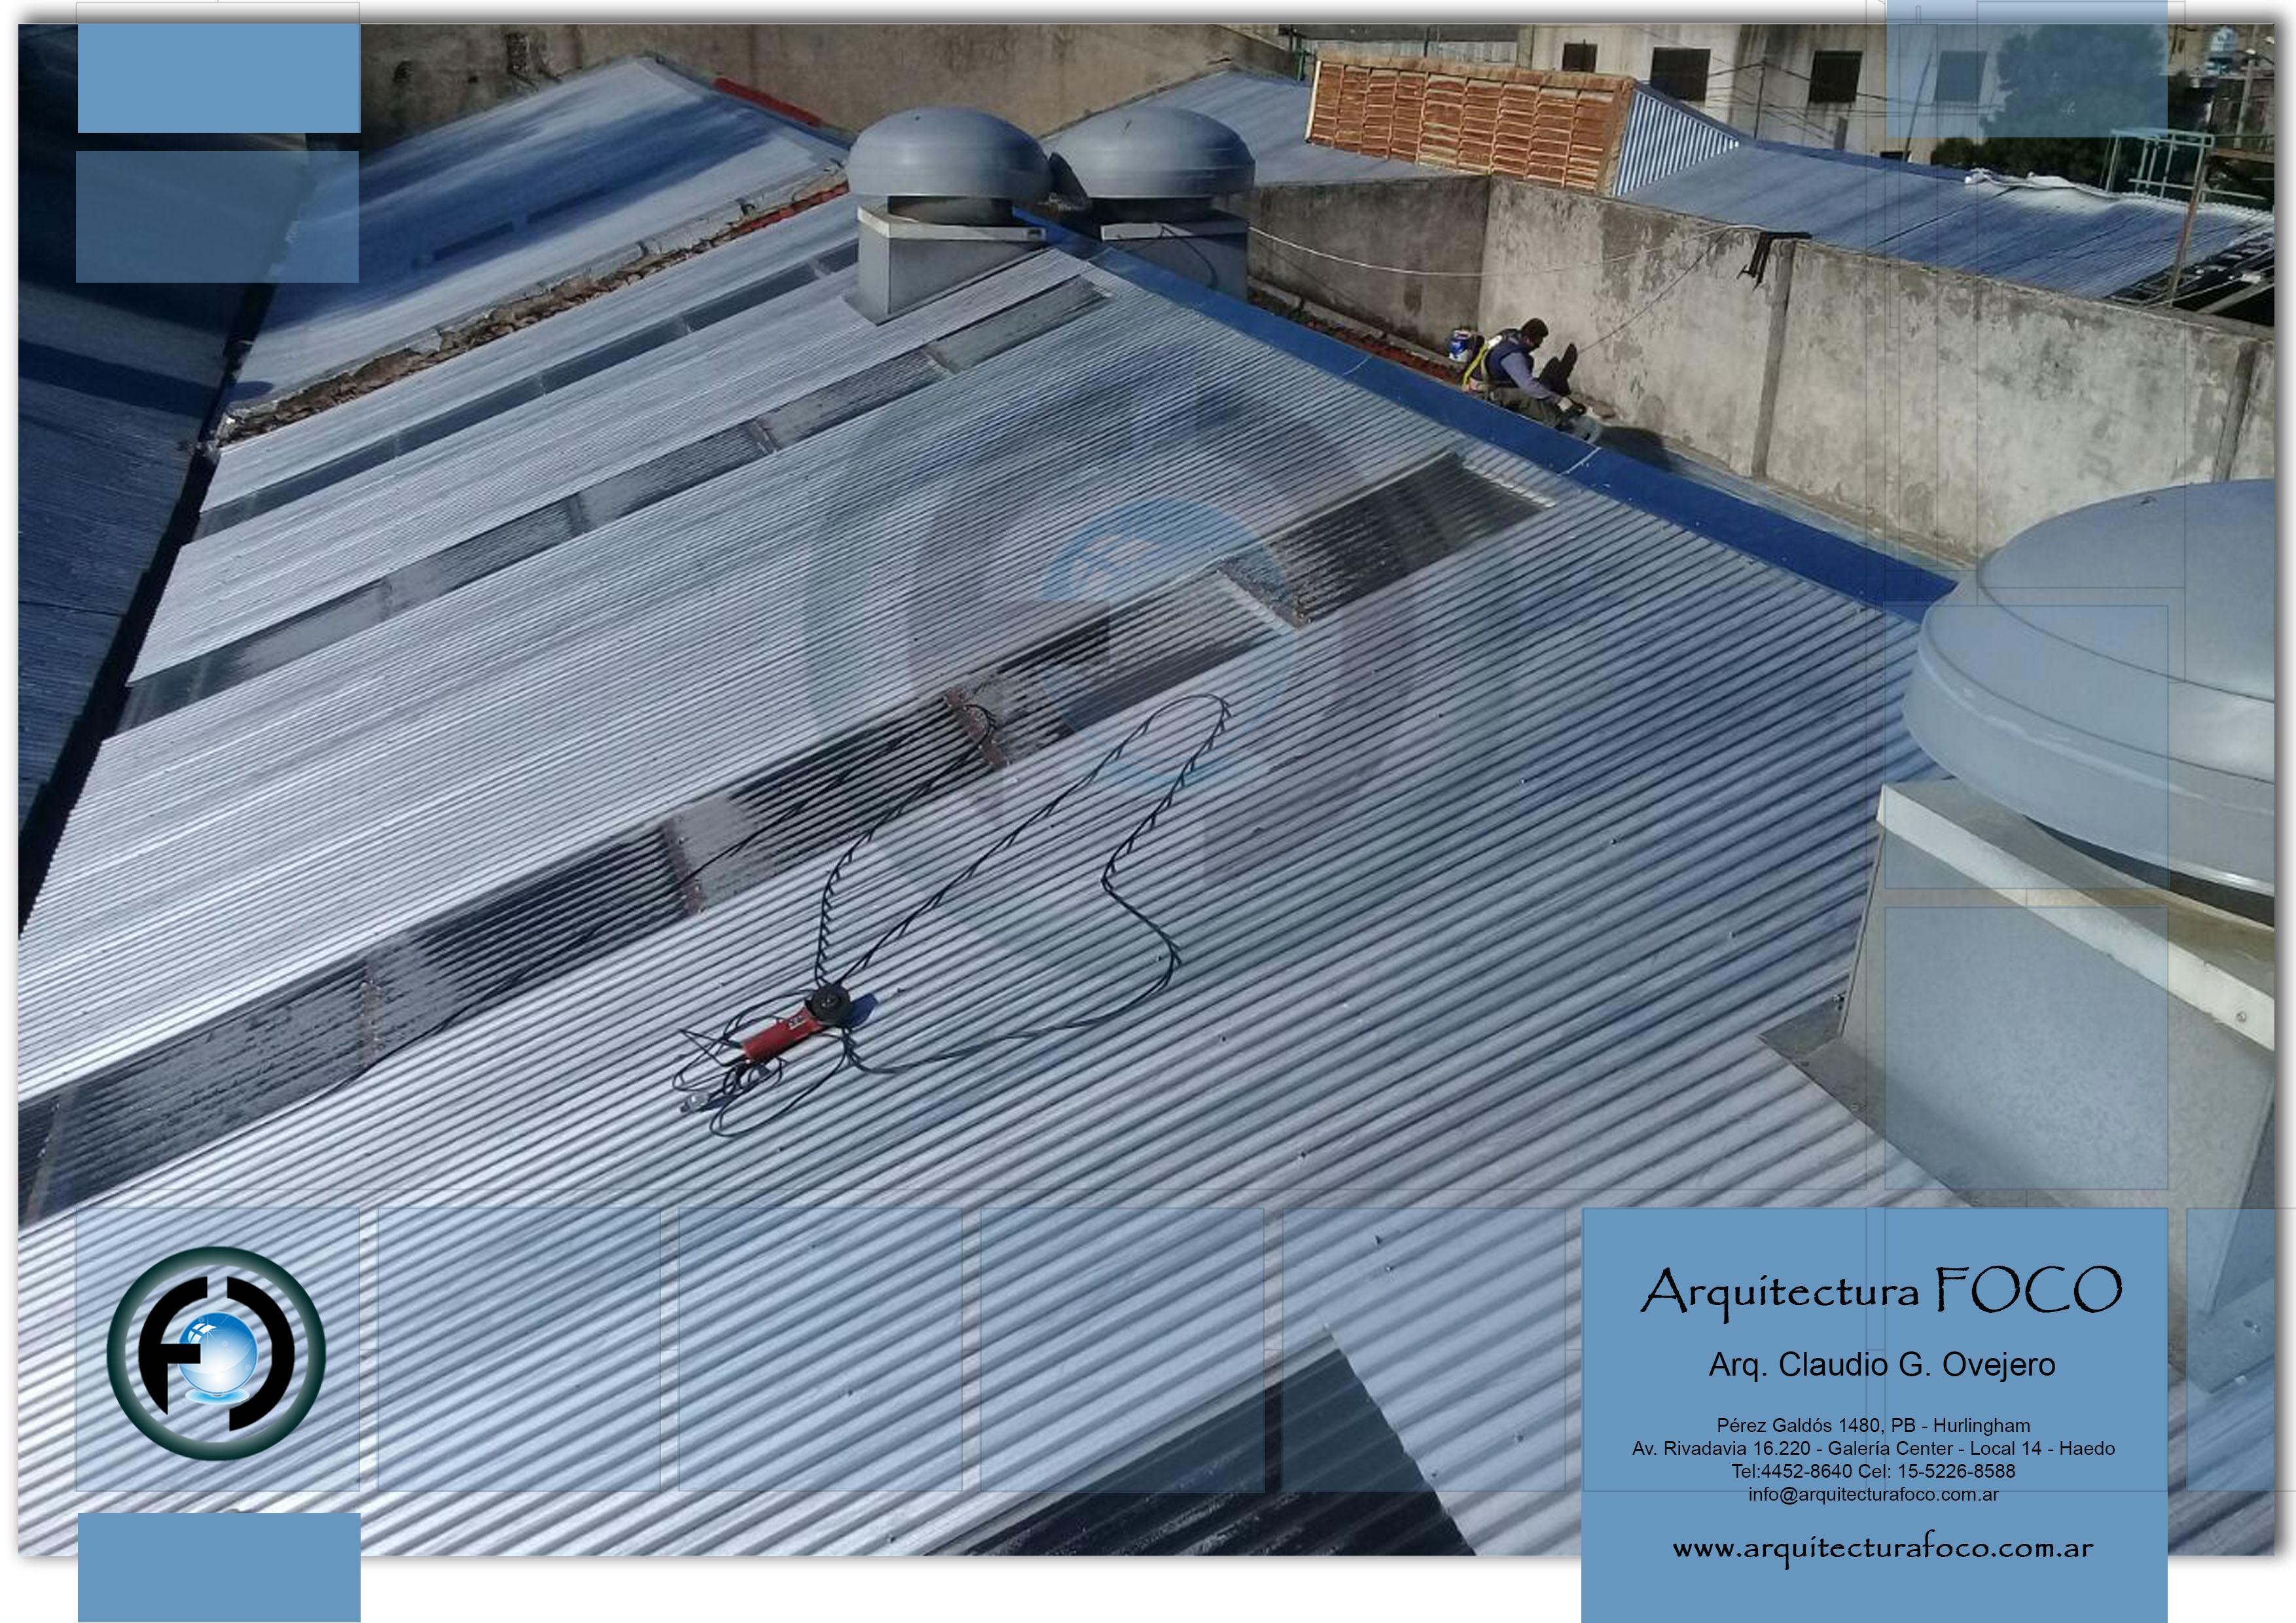 Trabajos de grandes techos de chapa en zona oeste, zona sur, zona norte y CABA